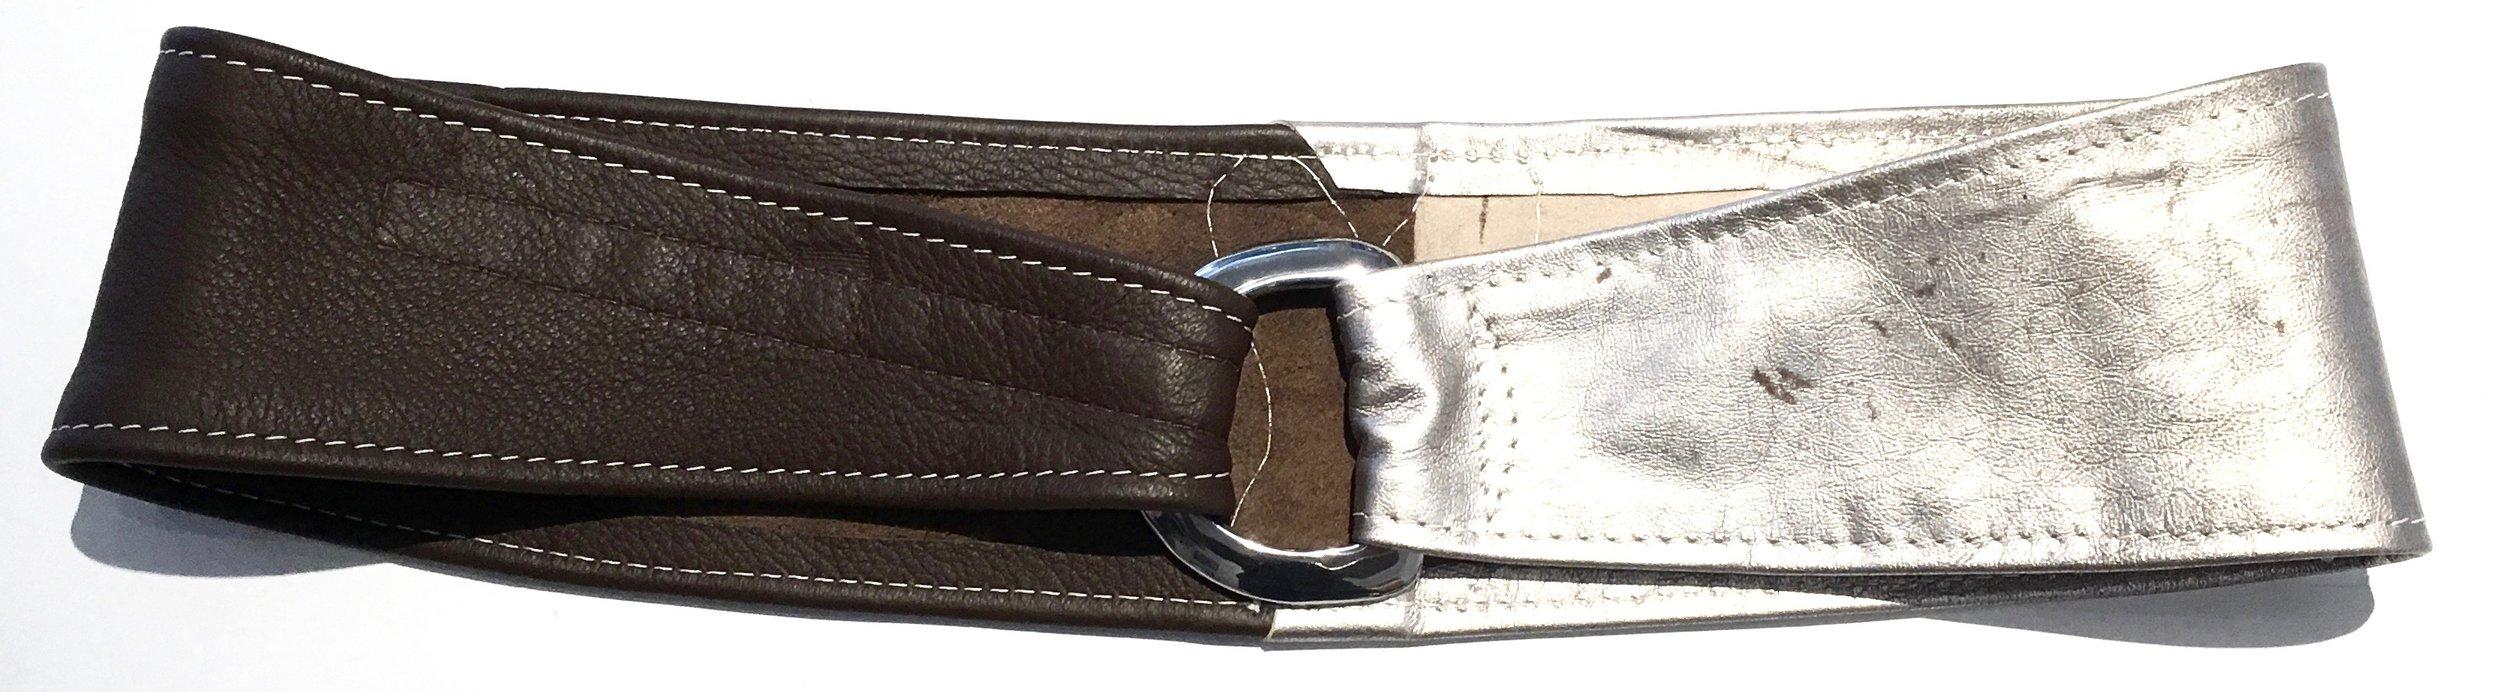 Brown deerskin and silver metallic lambkin HipWear.  Polished nickel D ring and adjustable velcro closure. $248..jpg